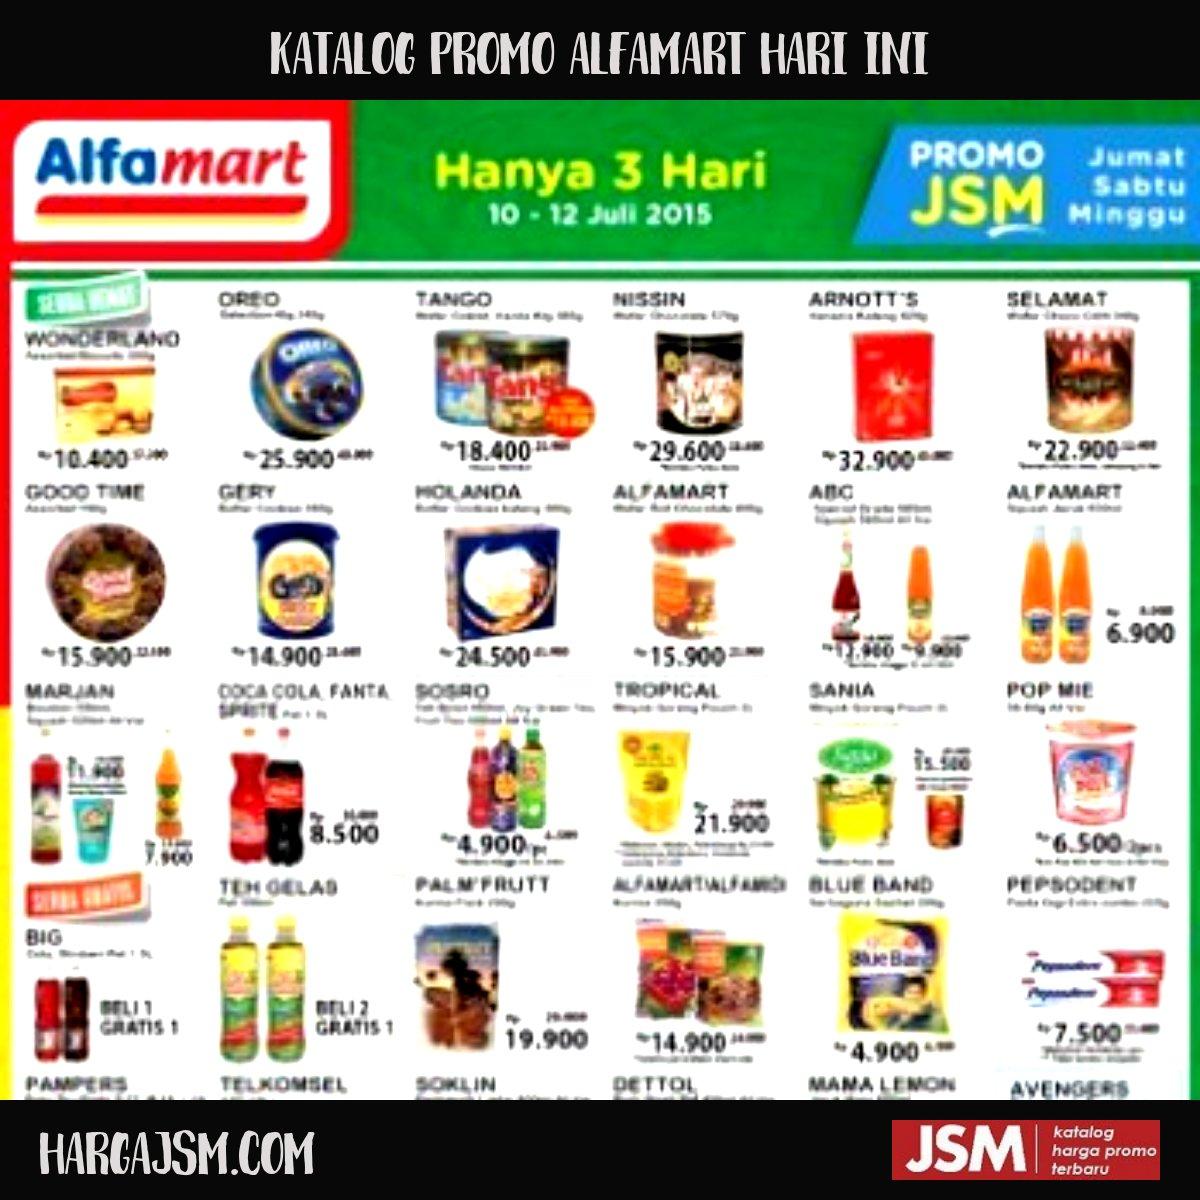 Katalog Promo Jsm Indomaret Terbaru Voucher Alfa Dan Produk Spesifik Yang Anda Perlukan Umpamanya Daging Buah Susu Terlihat Terlalu Banyak Lain Direktori